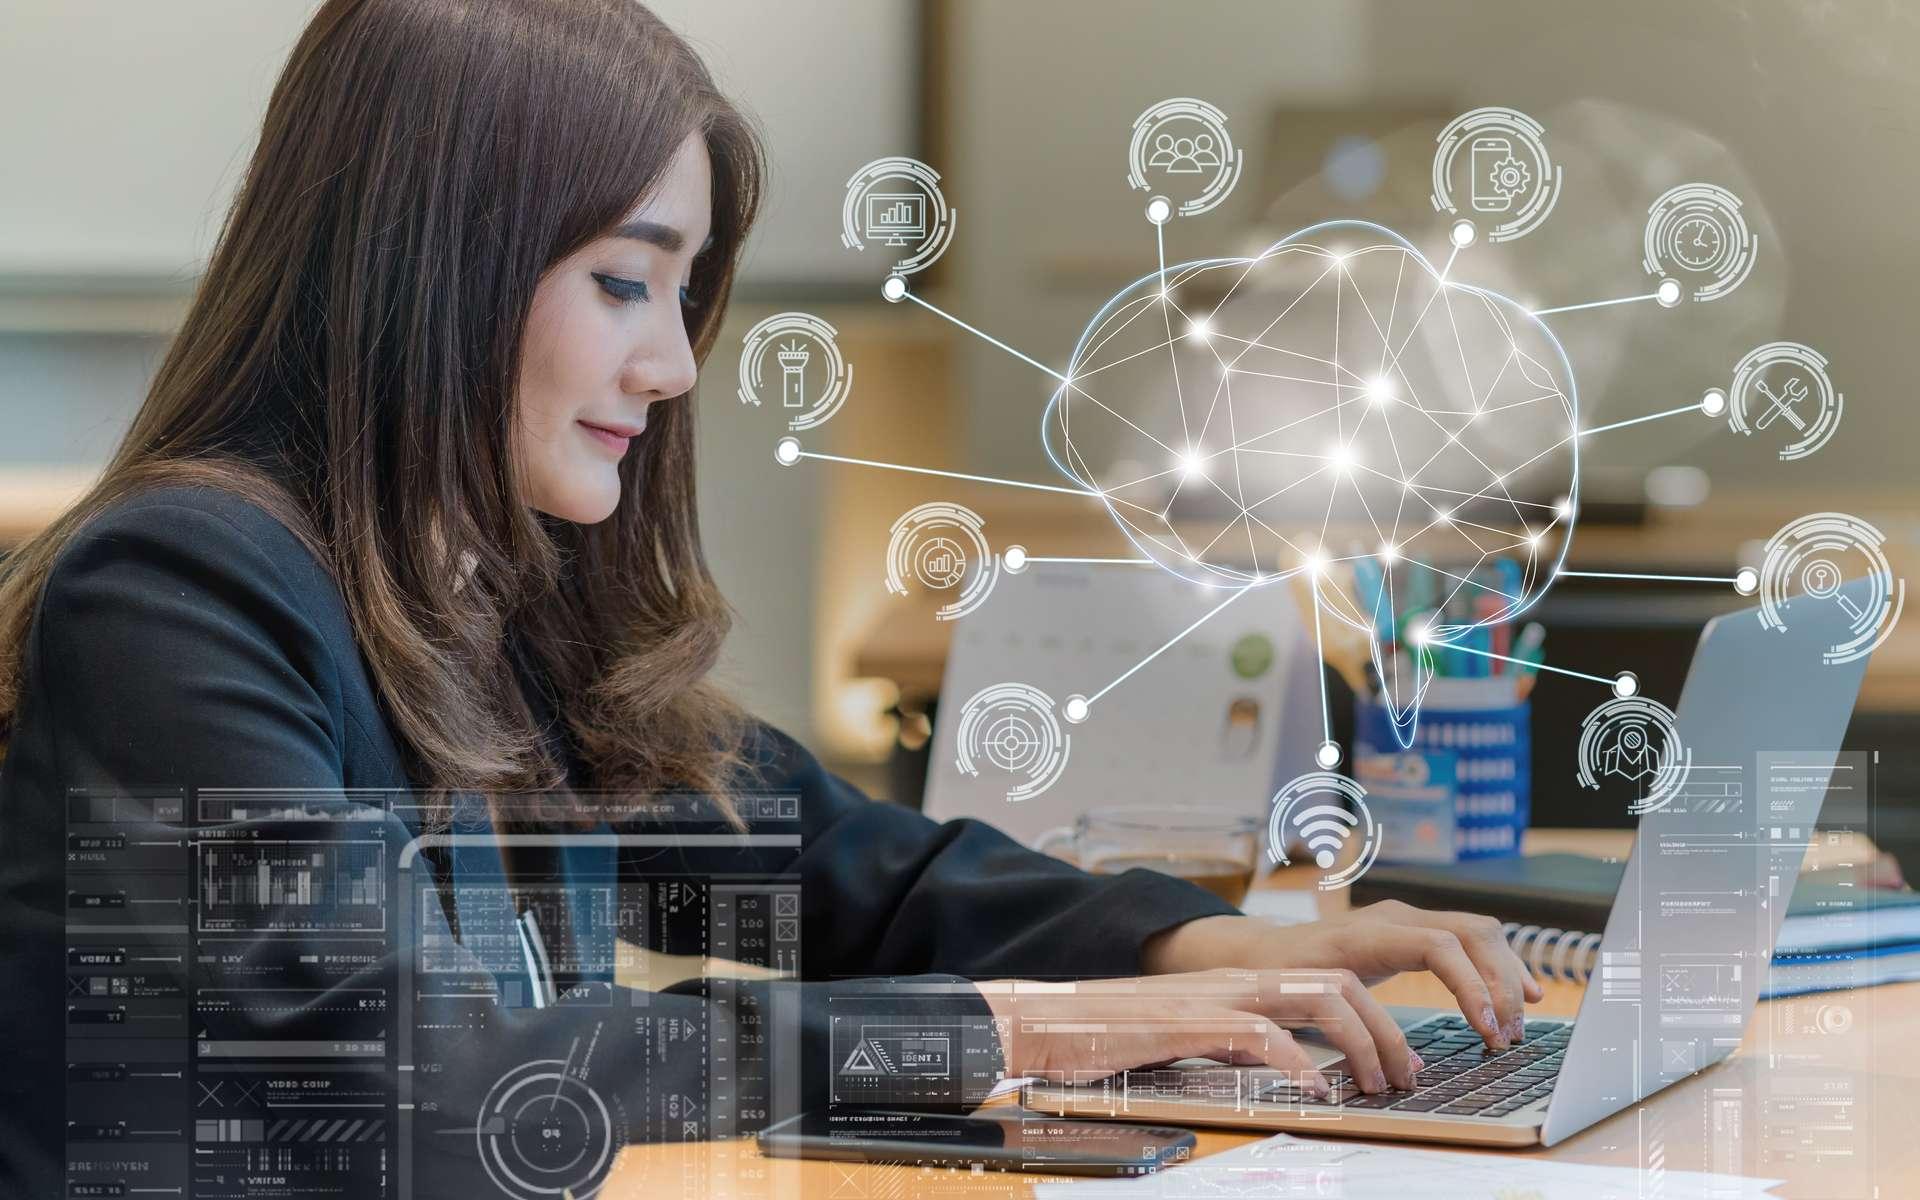 Qui seront les experts français en IA de demain ? © Thananit, Adobe Stock